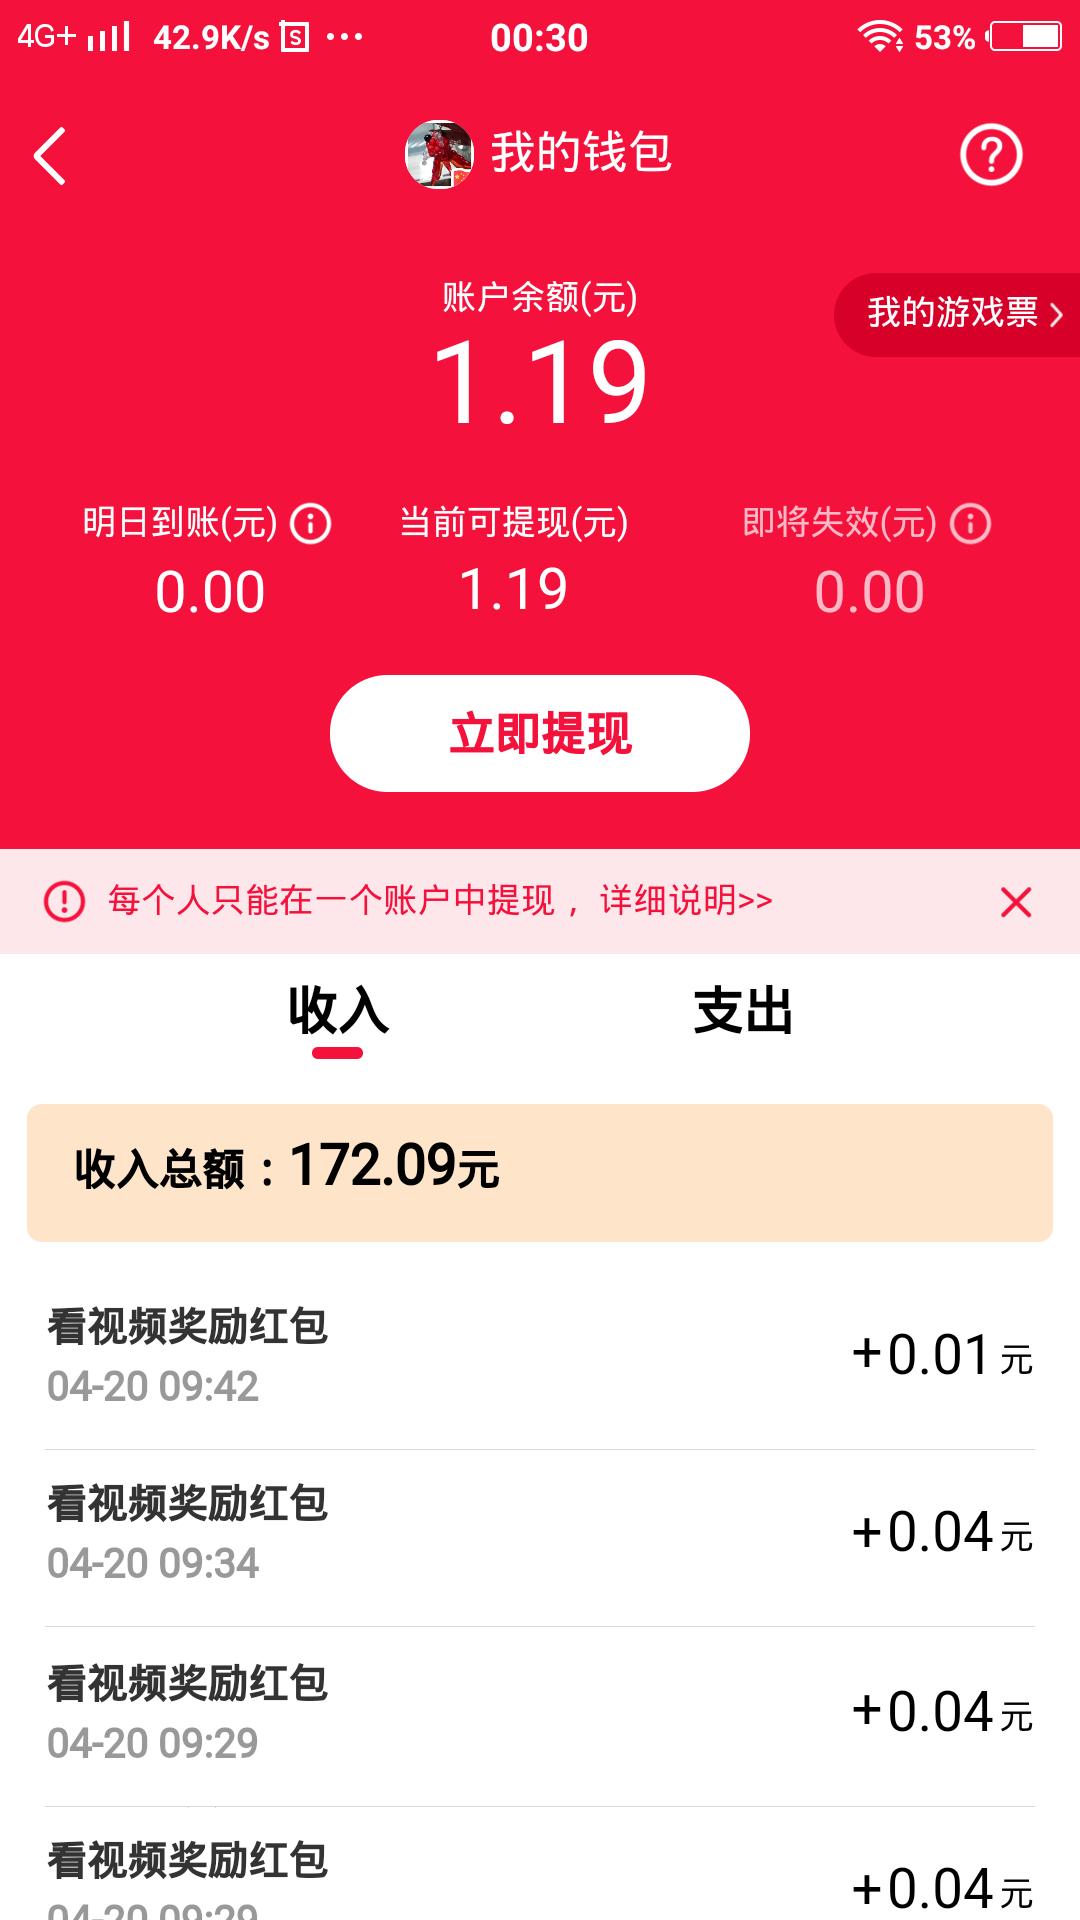 赚钱的app哪个最靠谱(公认最靠谱的5个赚钱app)